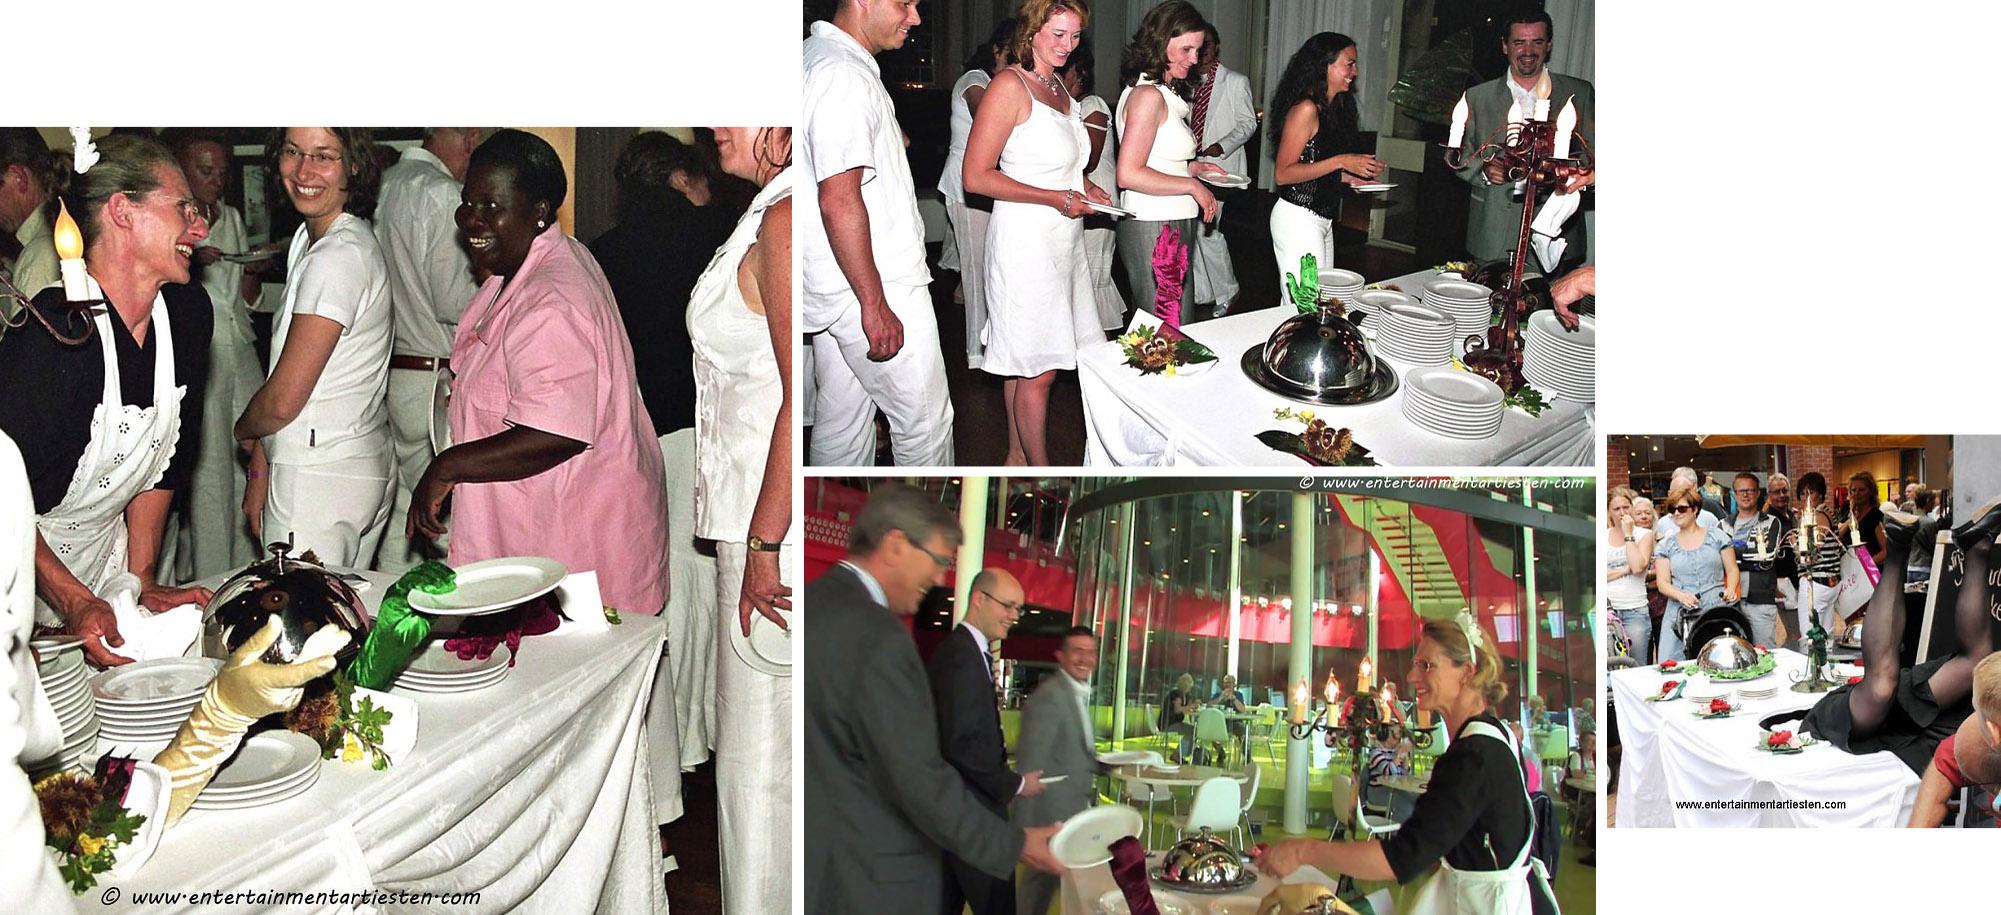 De Catering tafel leeft! Een catering act met veel humor en reuring... culinaire act, horeca act, Beurs & Promotie acts, artiesten boeken, artiestenbureau, culinair theater, Govers Evenementen, www.goversartiesten.nl